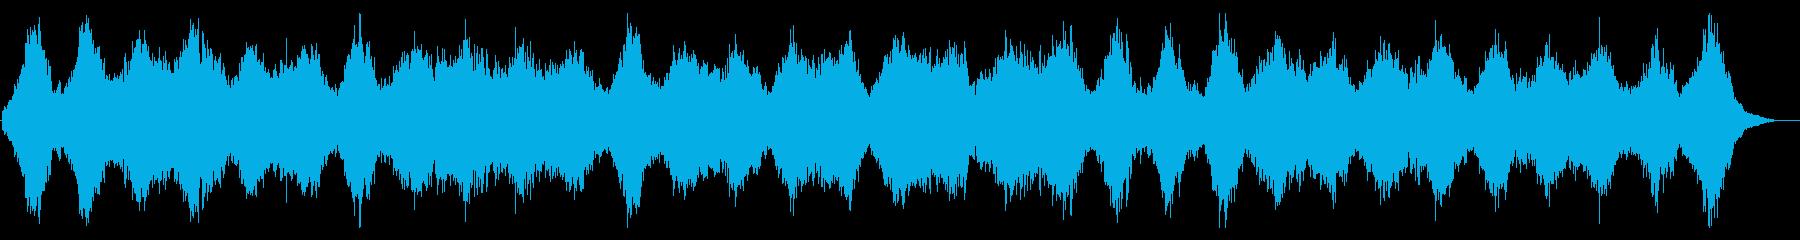 あやしいオバさん♥けだるく歌う✡都市伝説の再生済みの波形